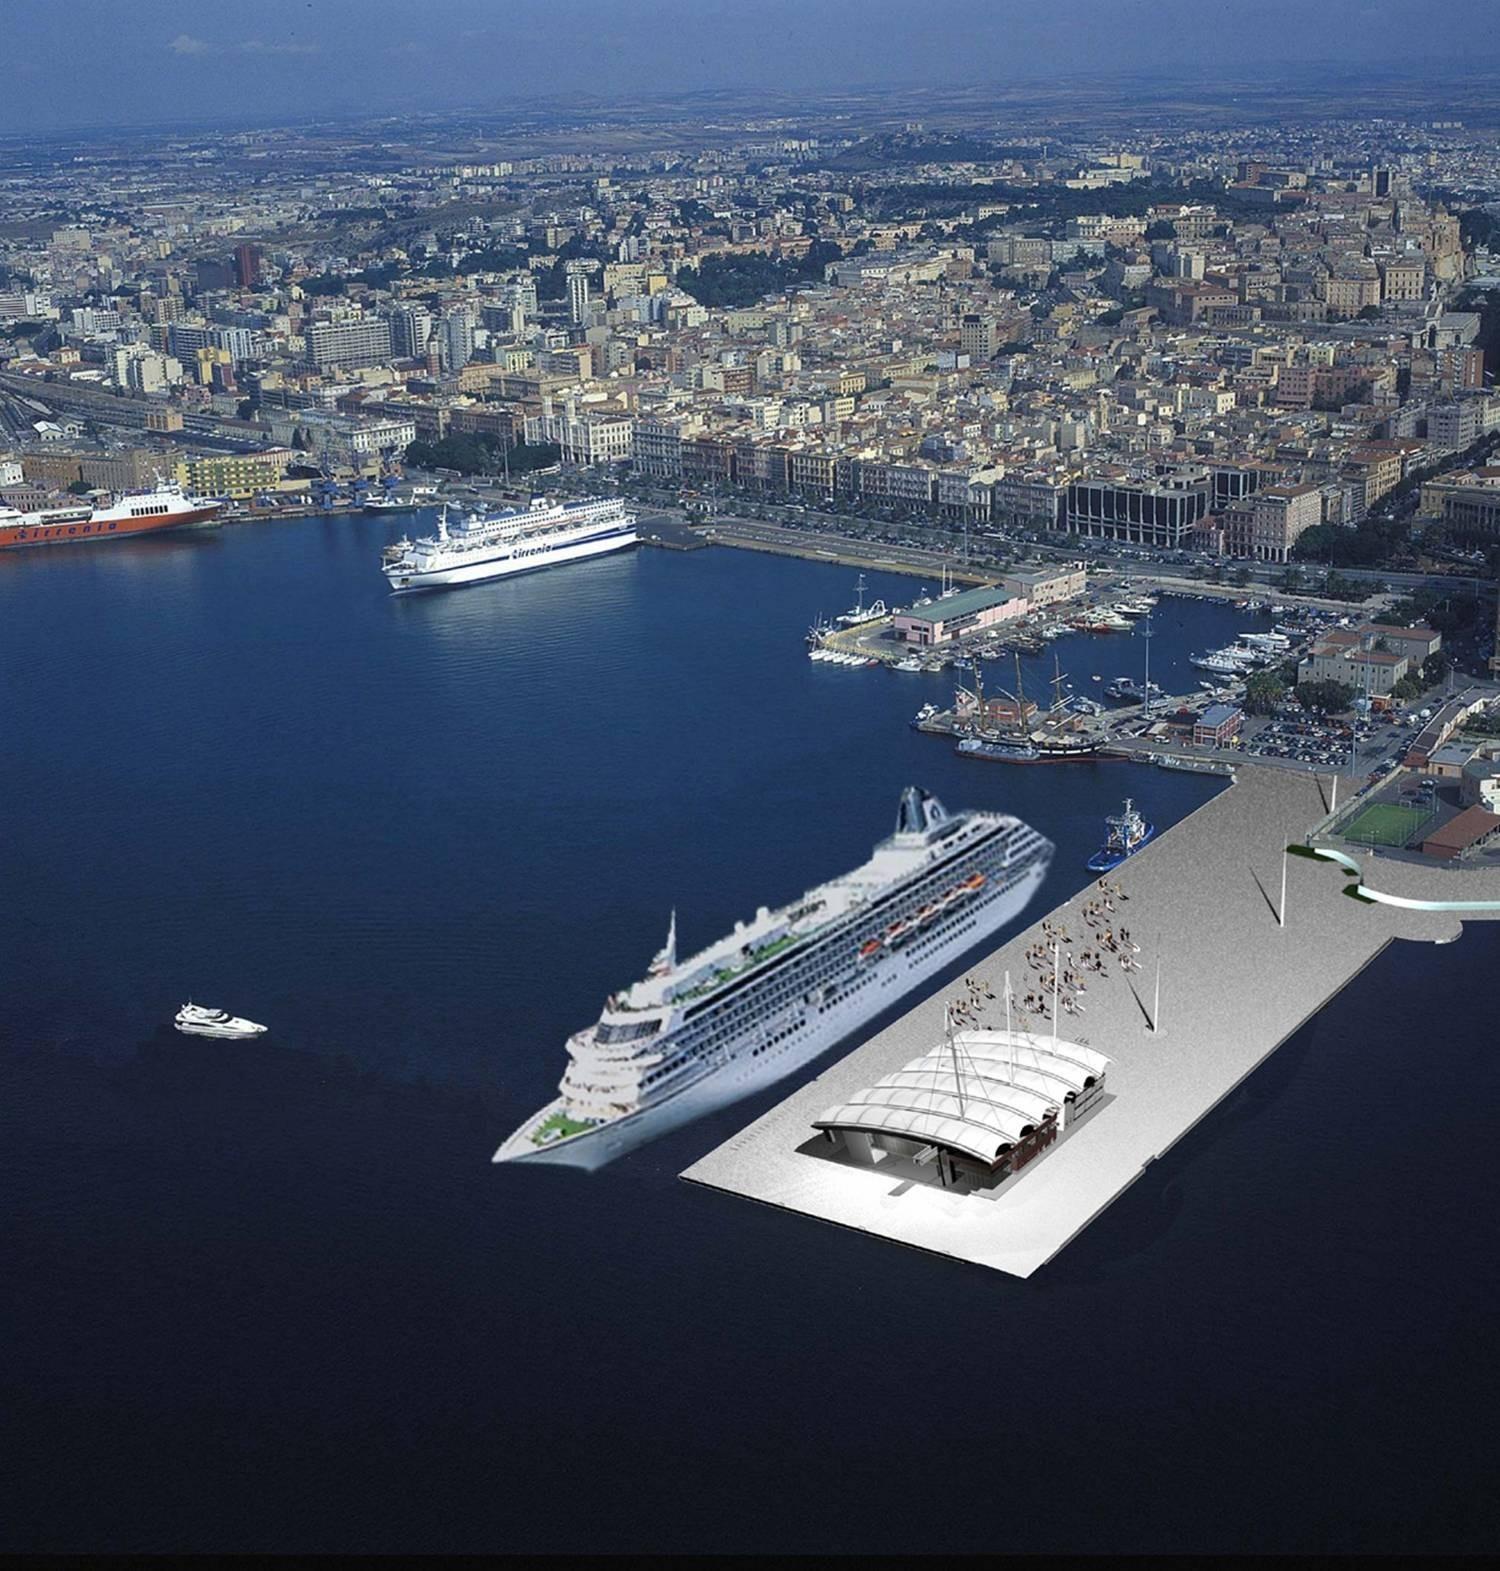 Un porto nucleare a Cagliari ? Facciamo subito chiarezza.